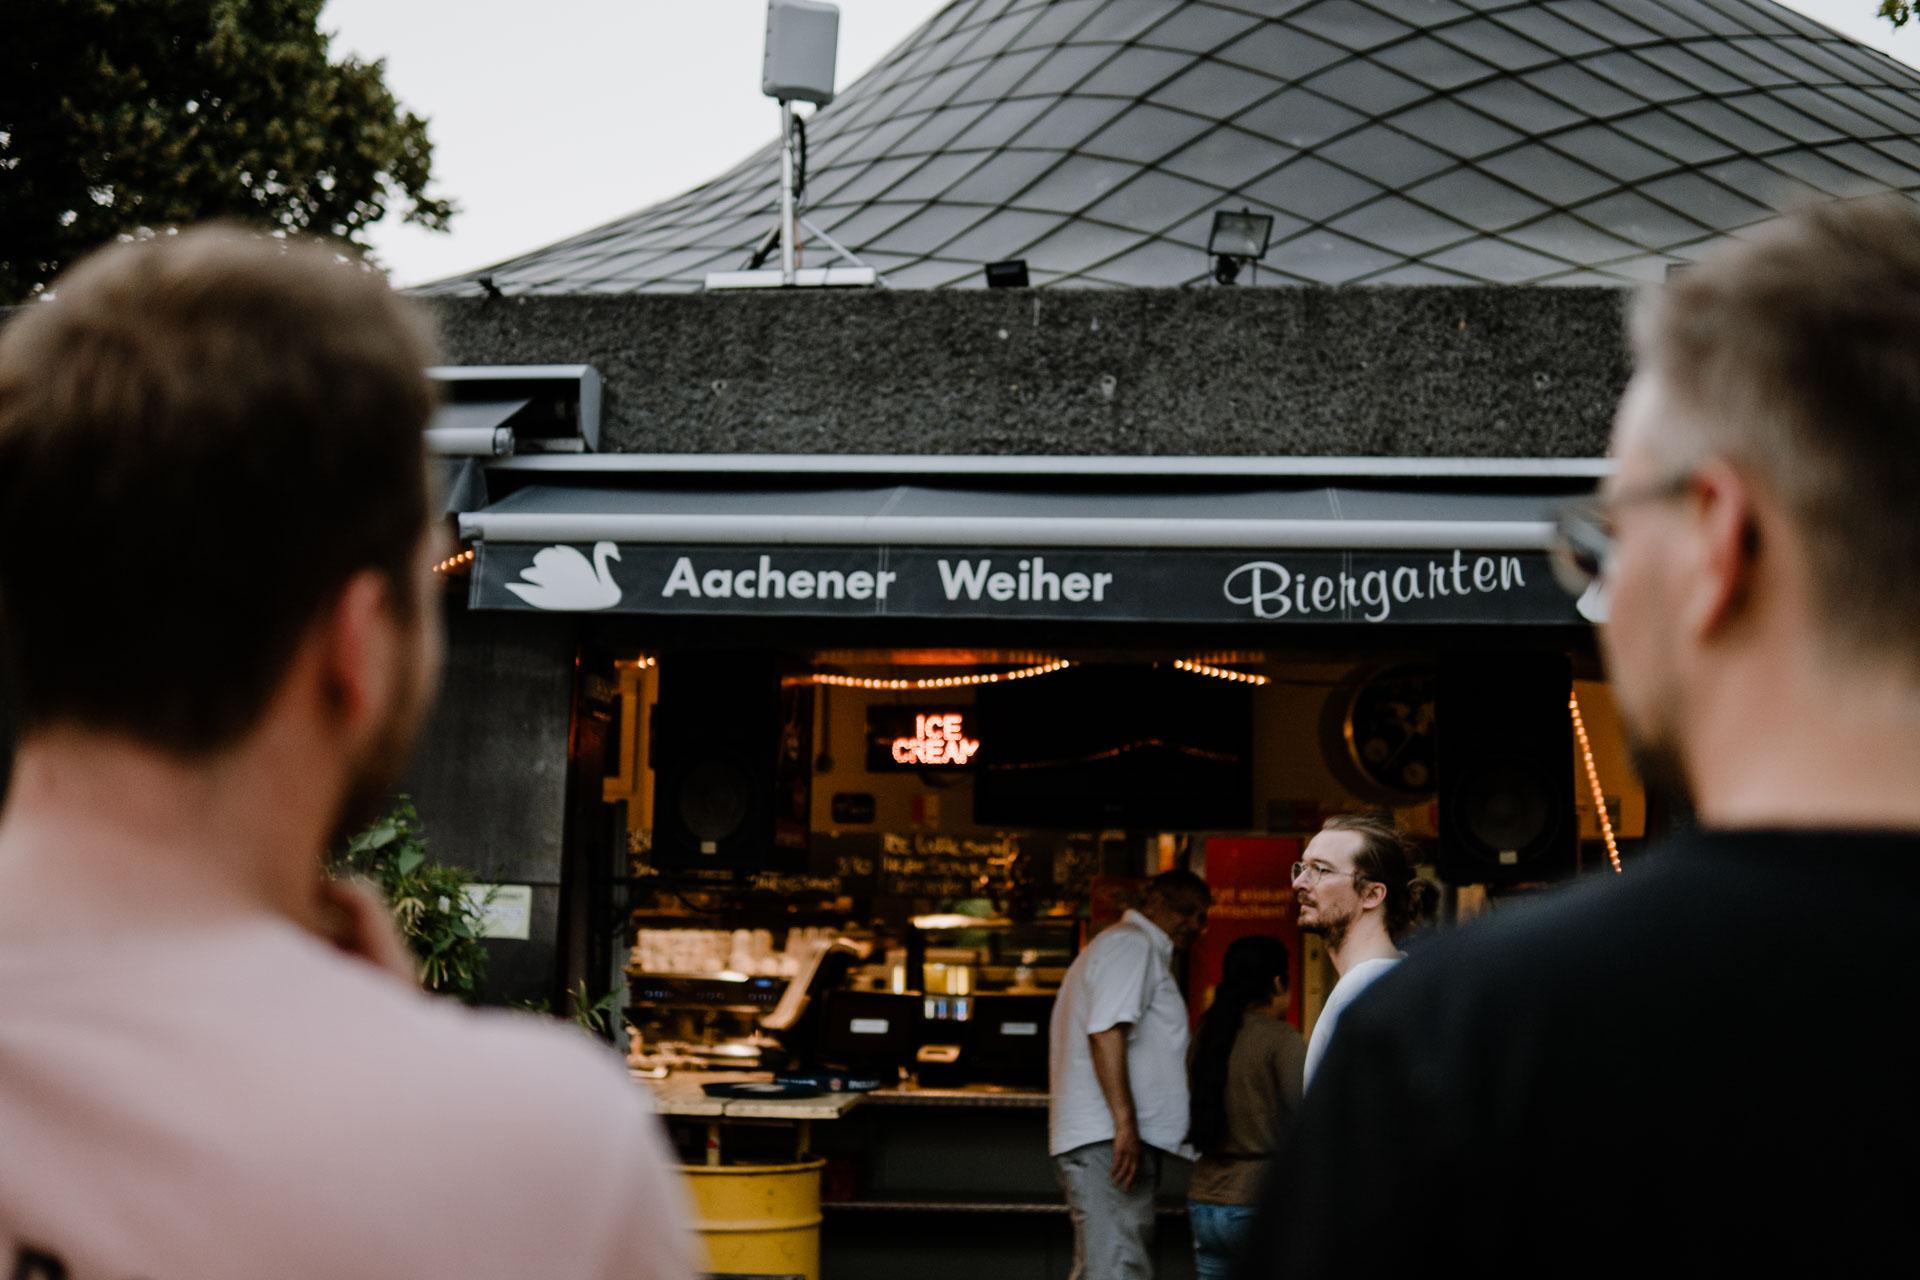 Biergärten_wearecity_koeln_julia_breuer-90.jpg